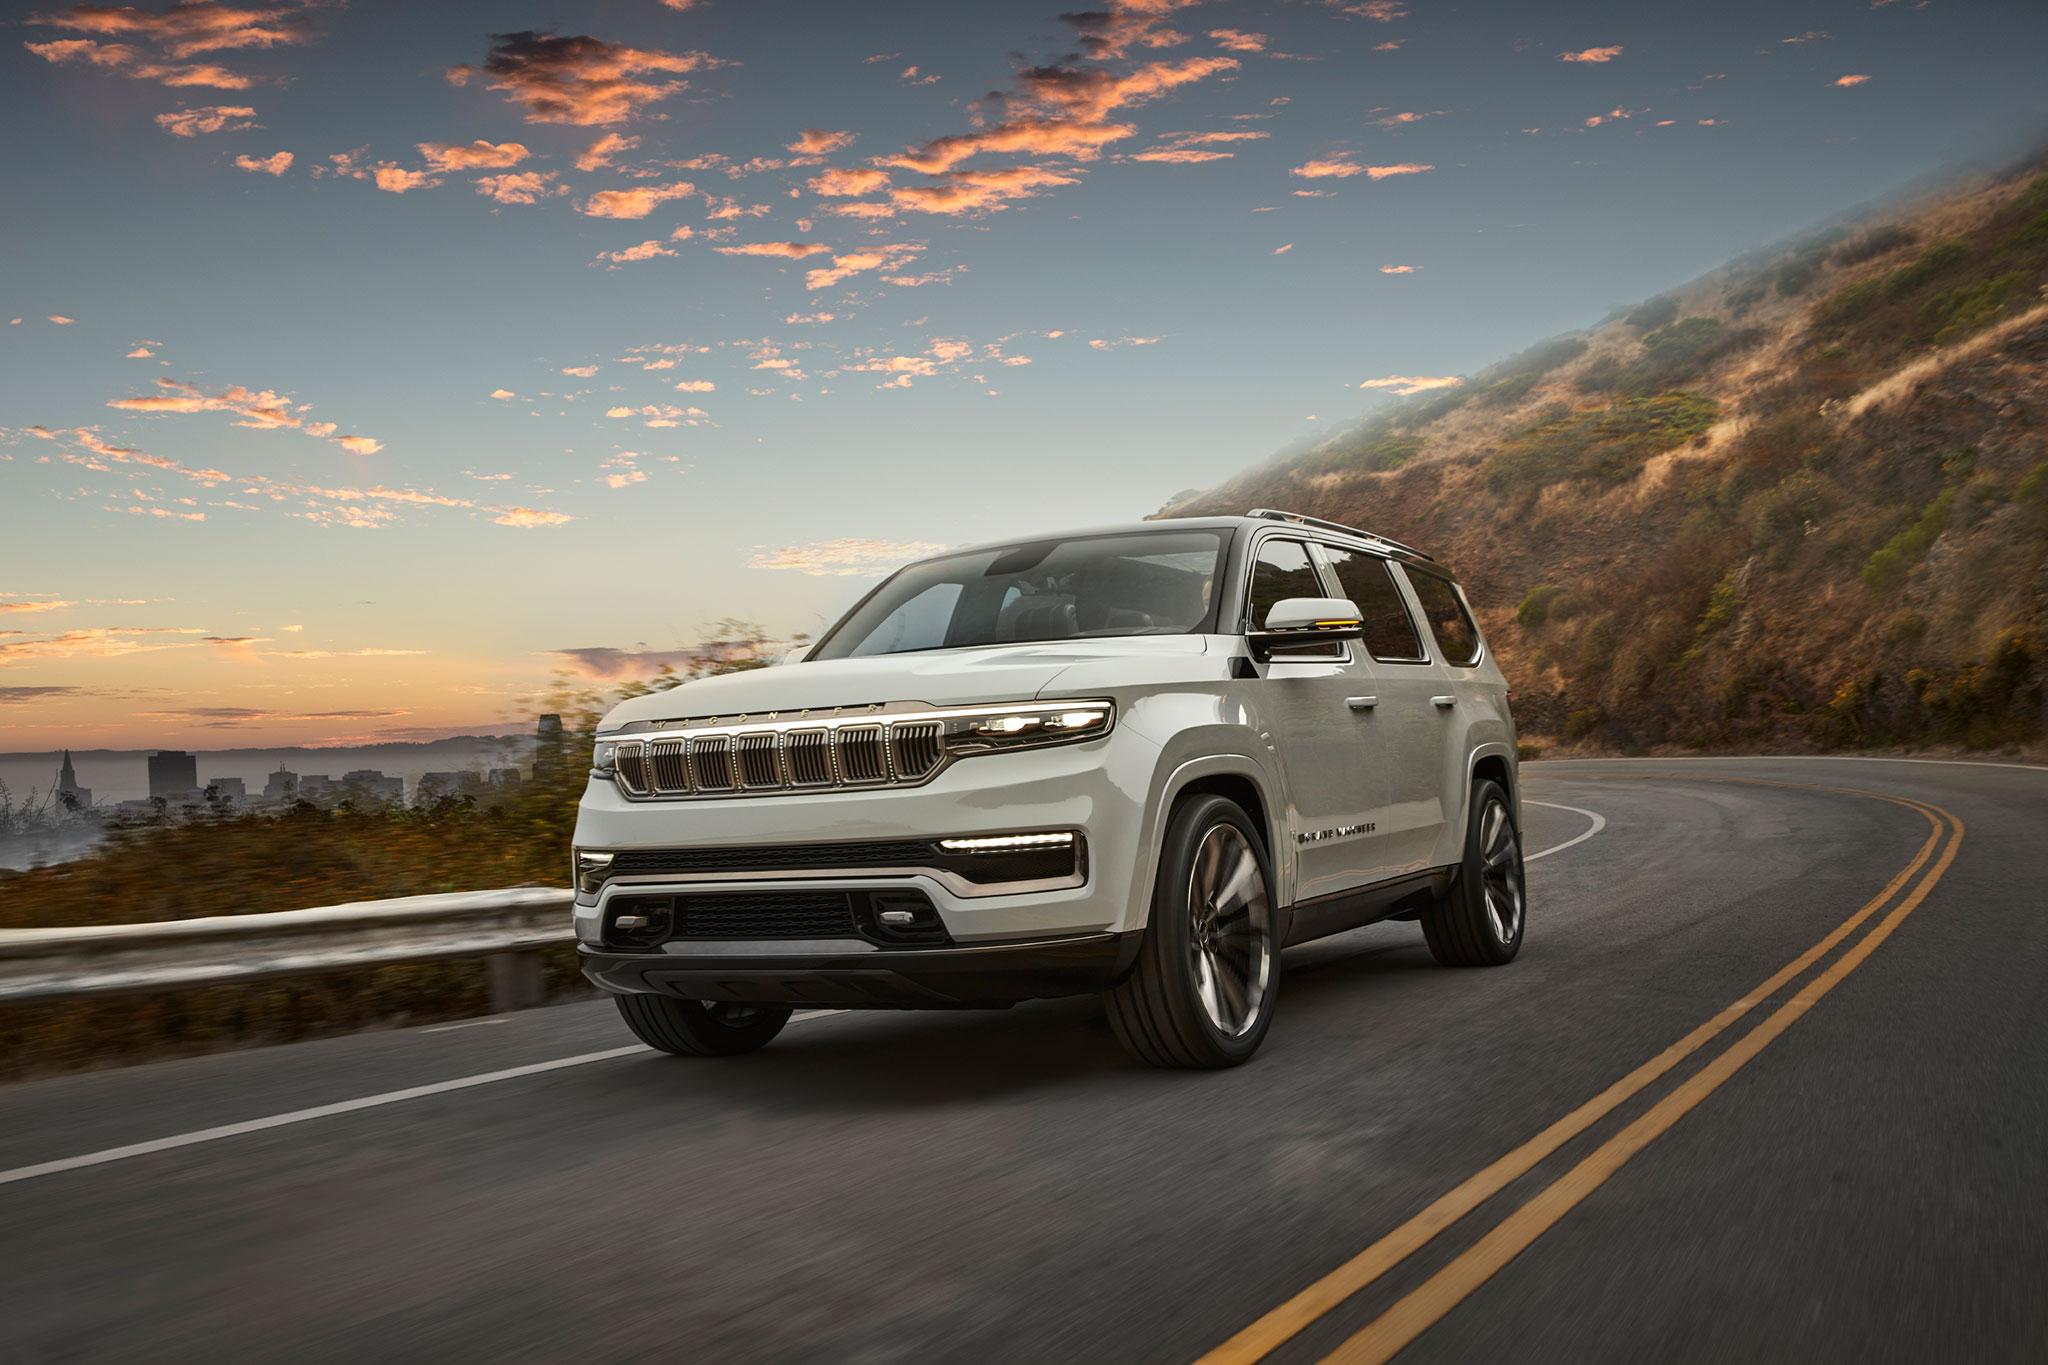 2020 Jeep Grand Wagoneer trois quarts avant gauche - Jeep et Moab 2020.